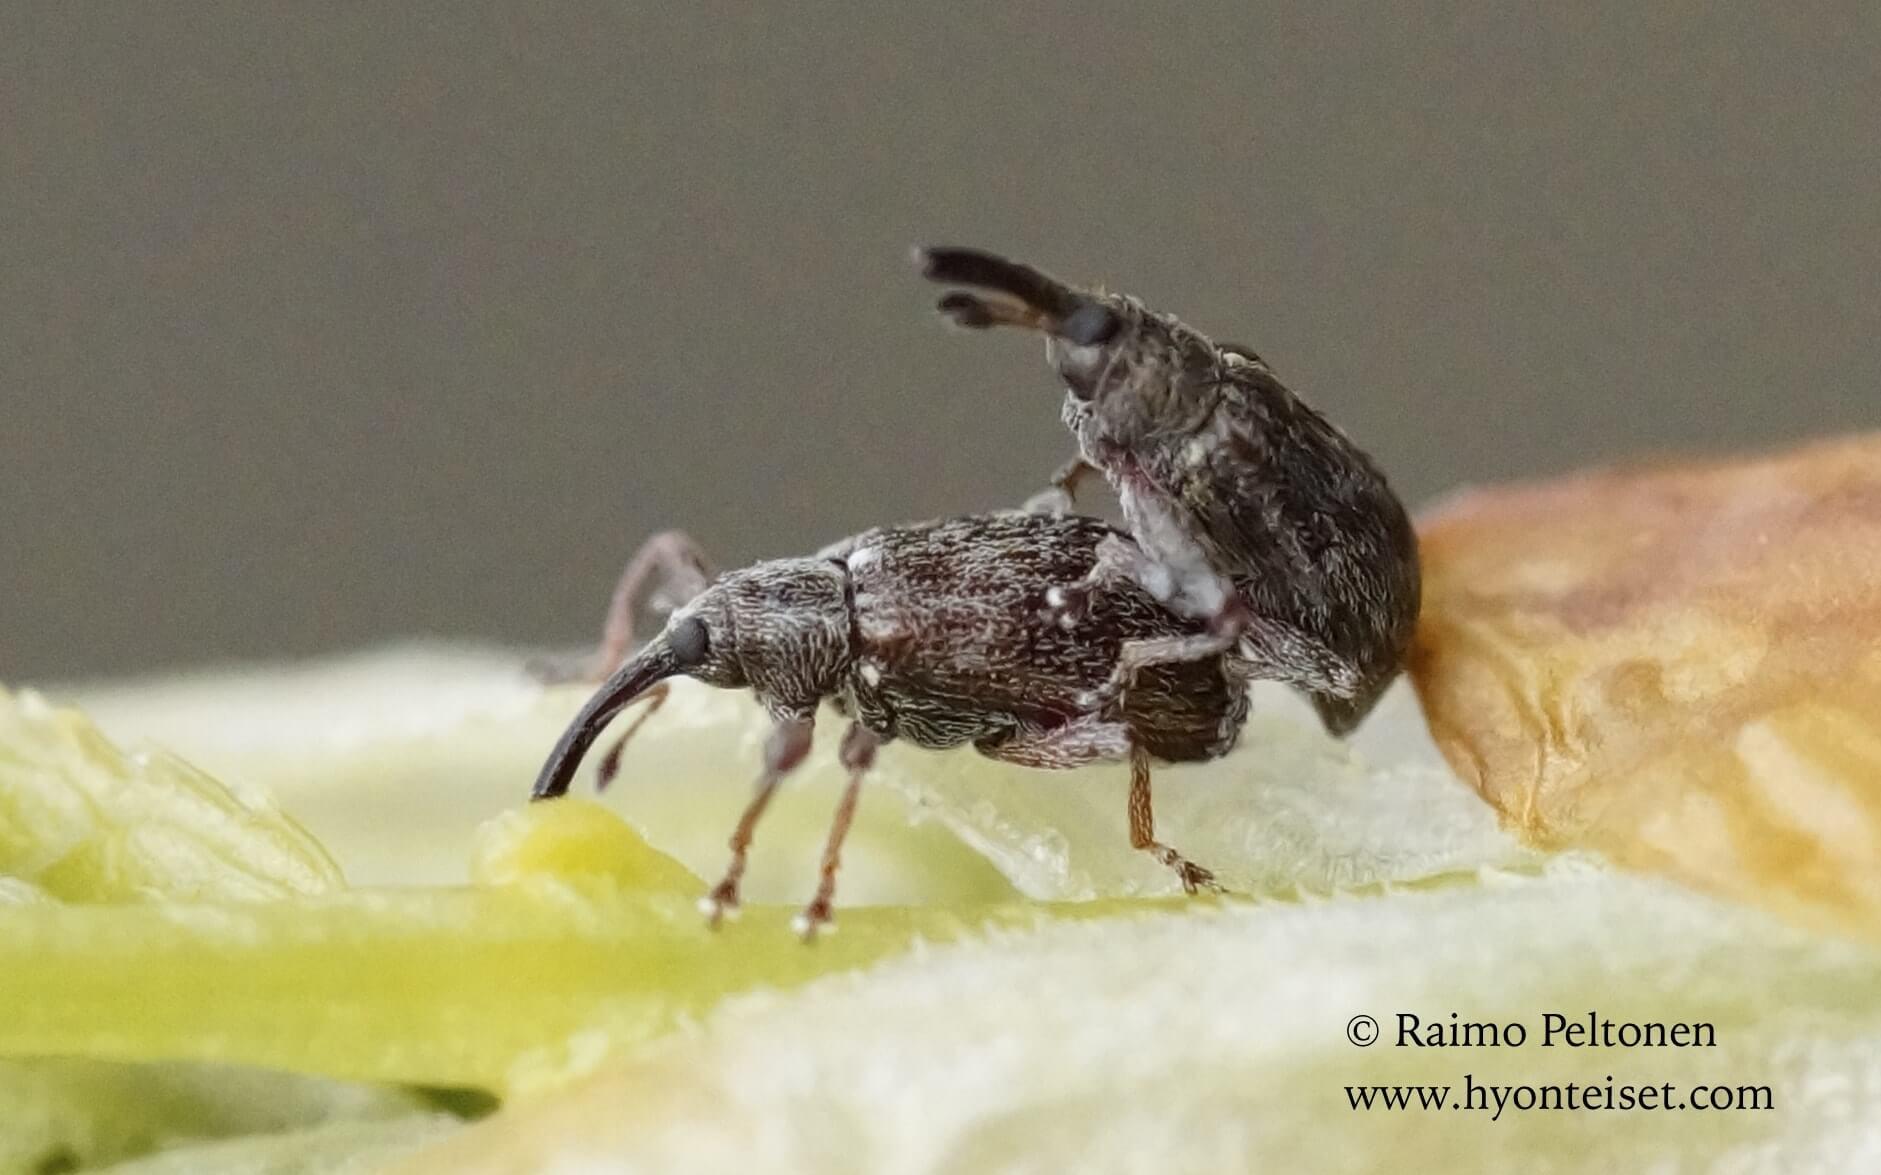 Anthonomus humeralis-tuomenkukkakkärsäkäs